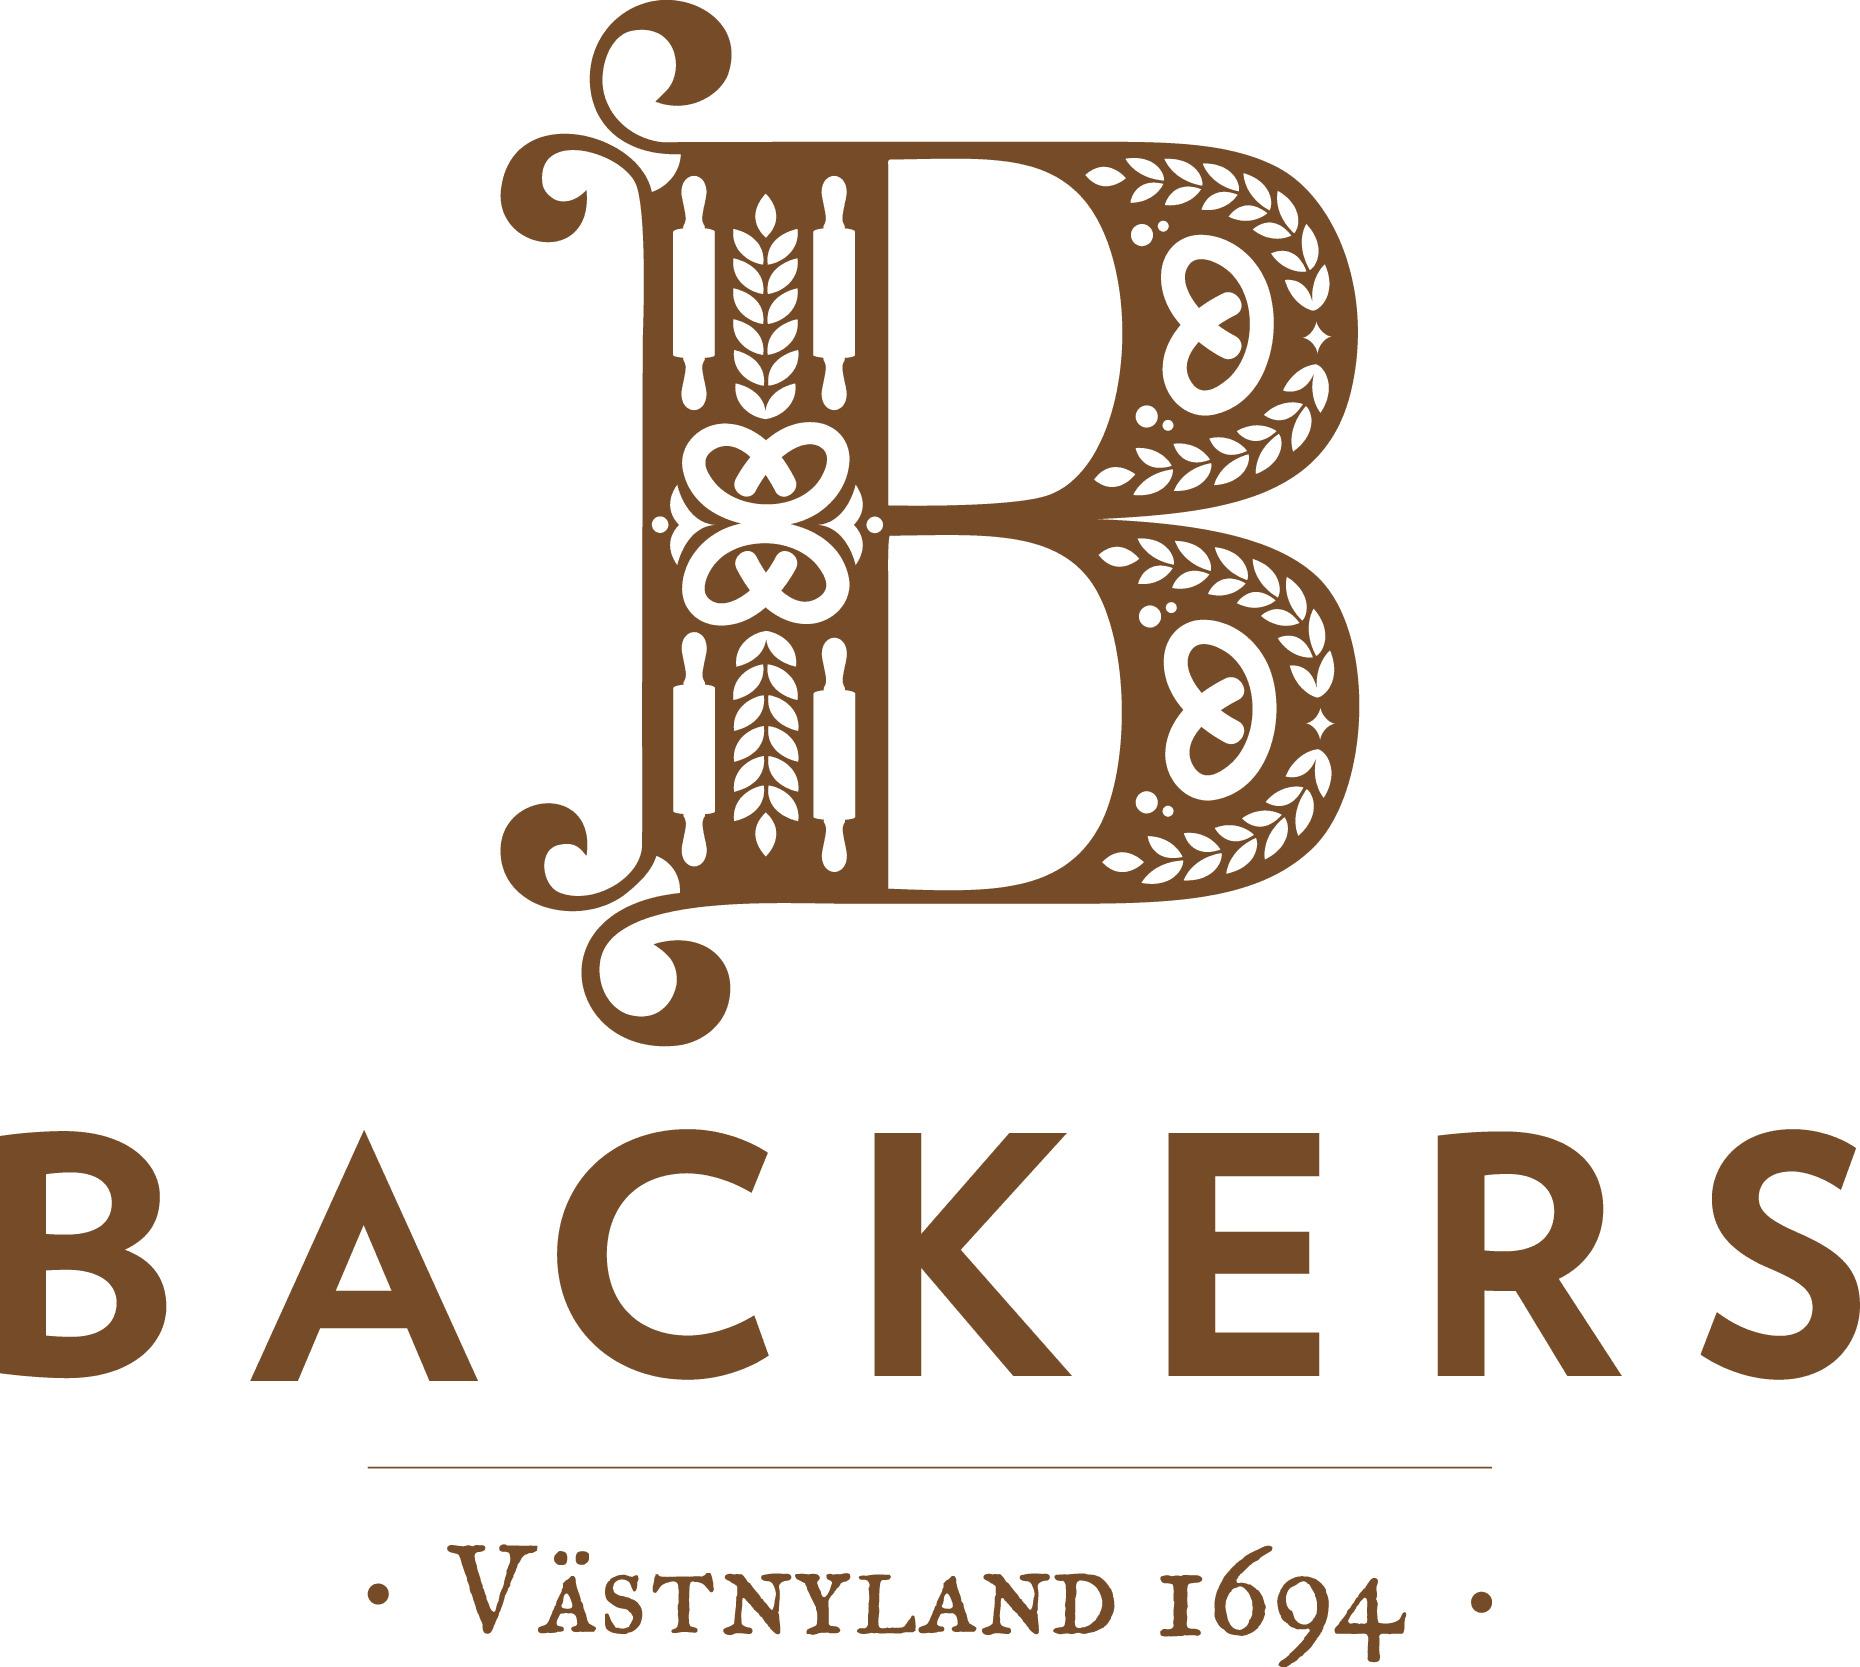 Backers - ekologiskt hantverksbröd